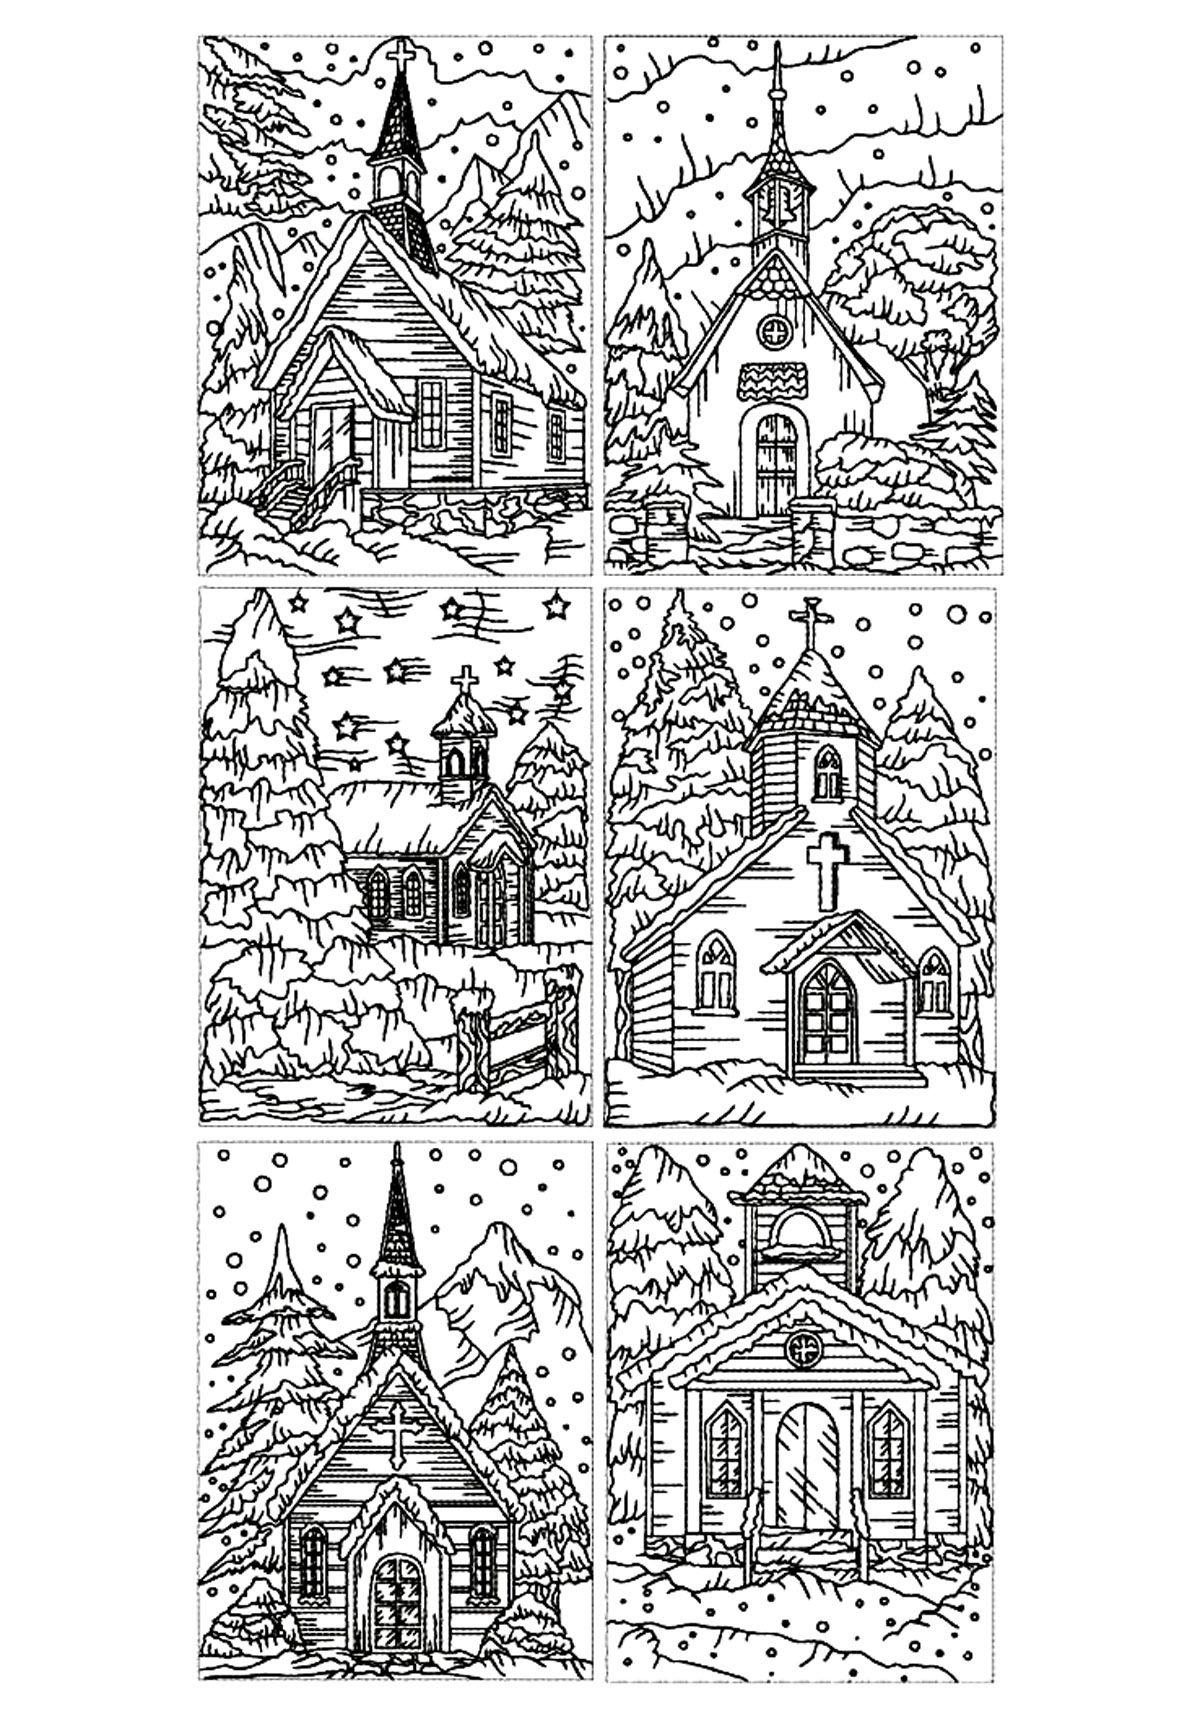 Coloriage Adulte Eglise.Galerie De Coloriages Gratuits Coloriage Adulte Architecture Eglises